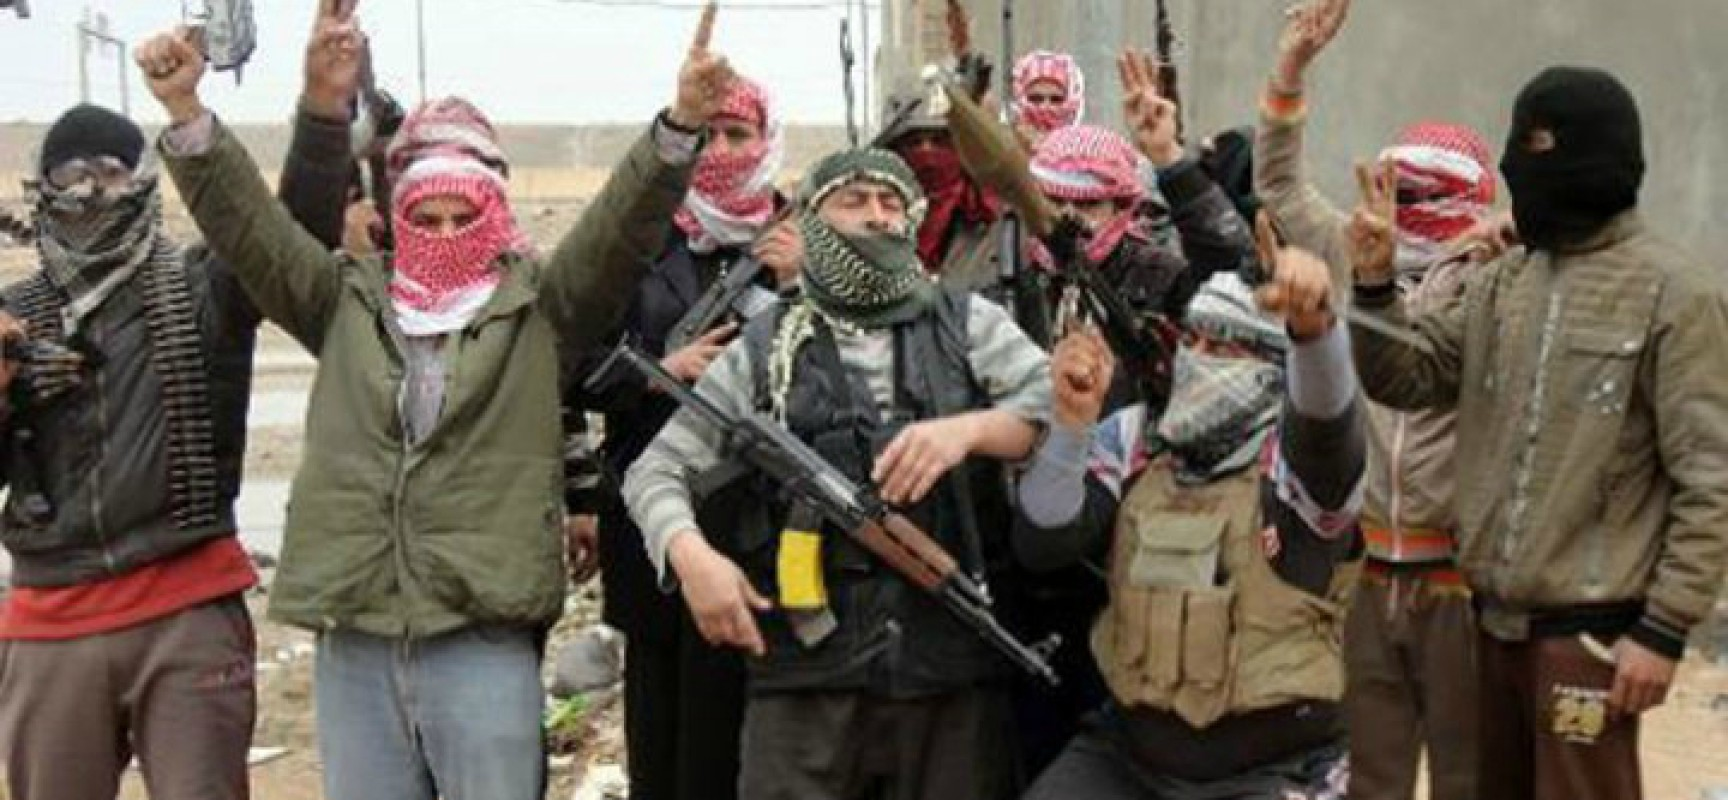 Des services secrets occidentaux financent en Syrie des troupes de mercenaires de la taille d'une armée